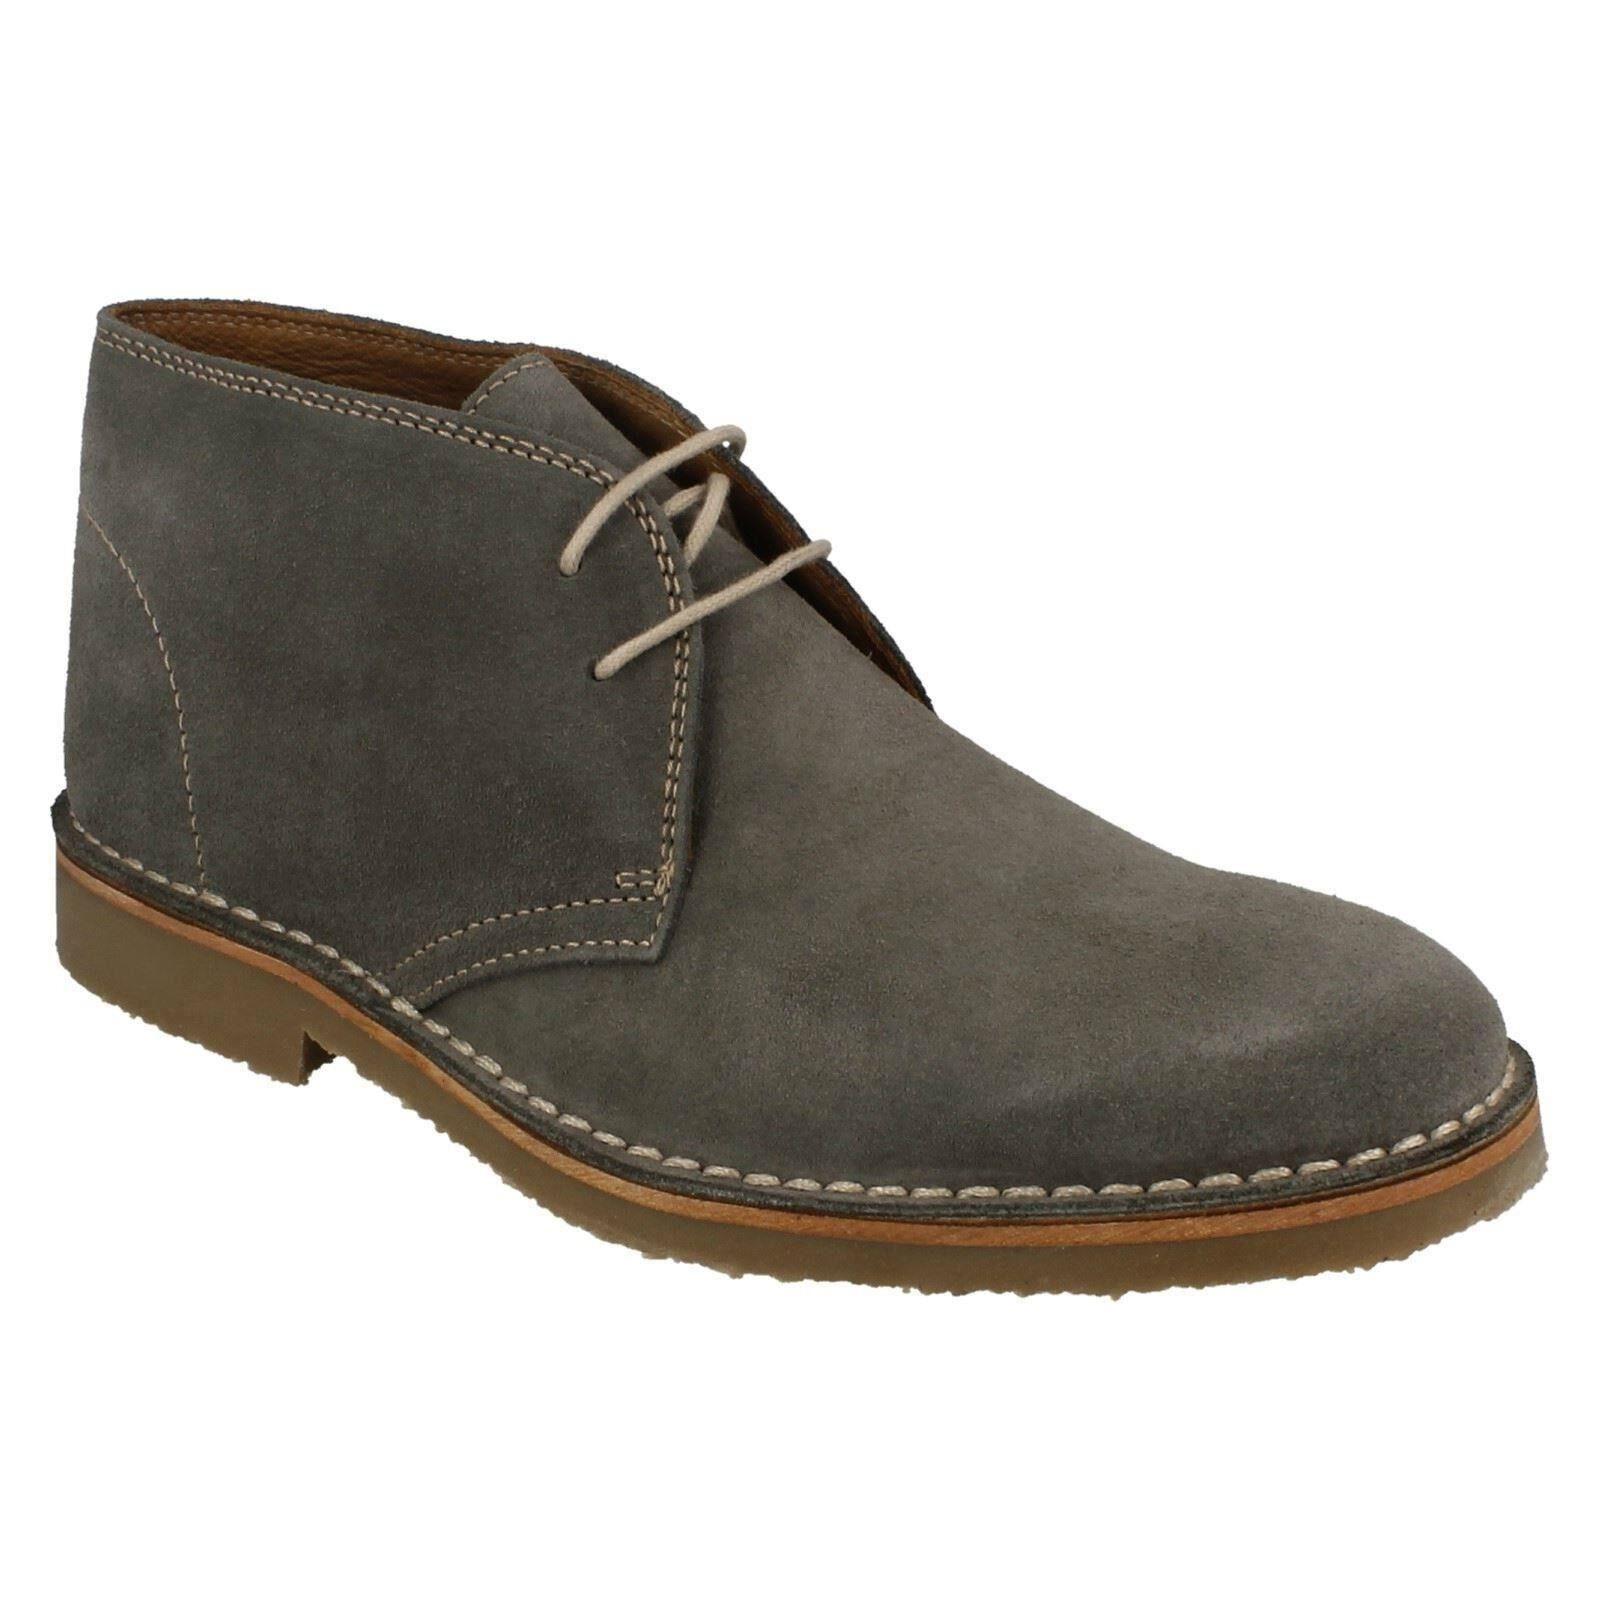 Venta para Hombre Loake Ante gris Con Cordones Zapatos botas al Tobillo Desierto cotidianos KALAHARI